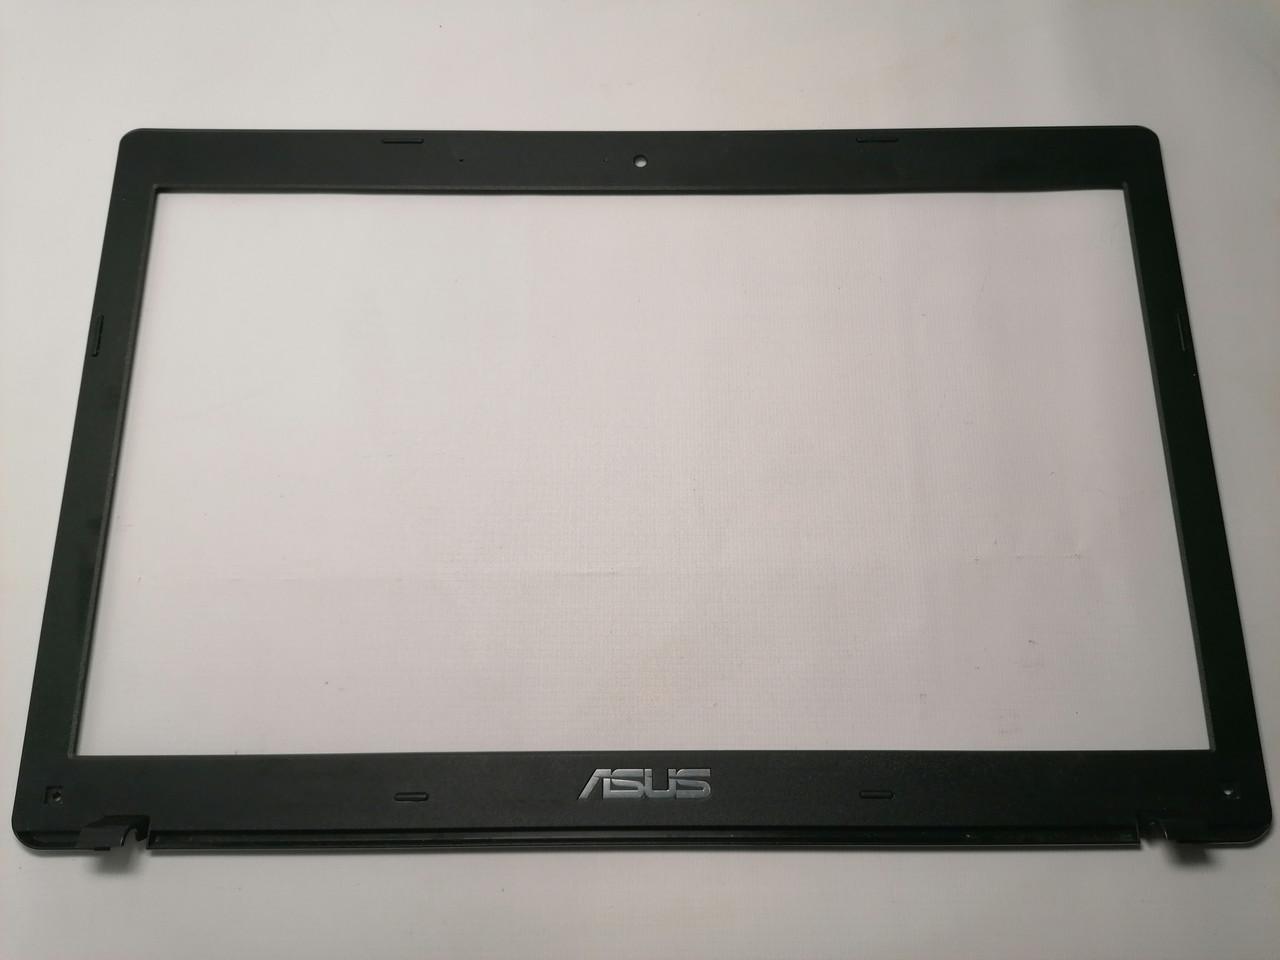 Б/У корпус рамка матрицы для ASUS K55A K55VD K55VM K55VJ X55 A55 A55A